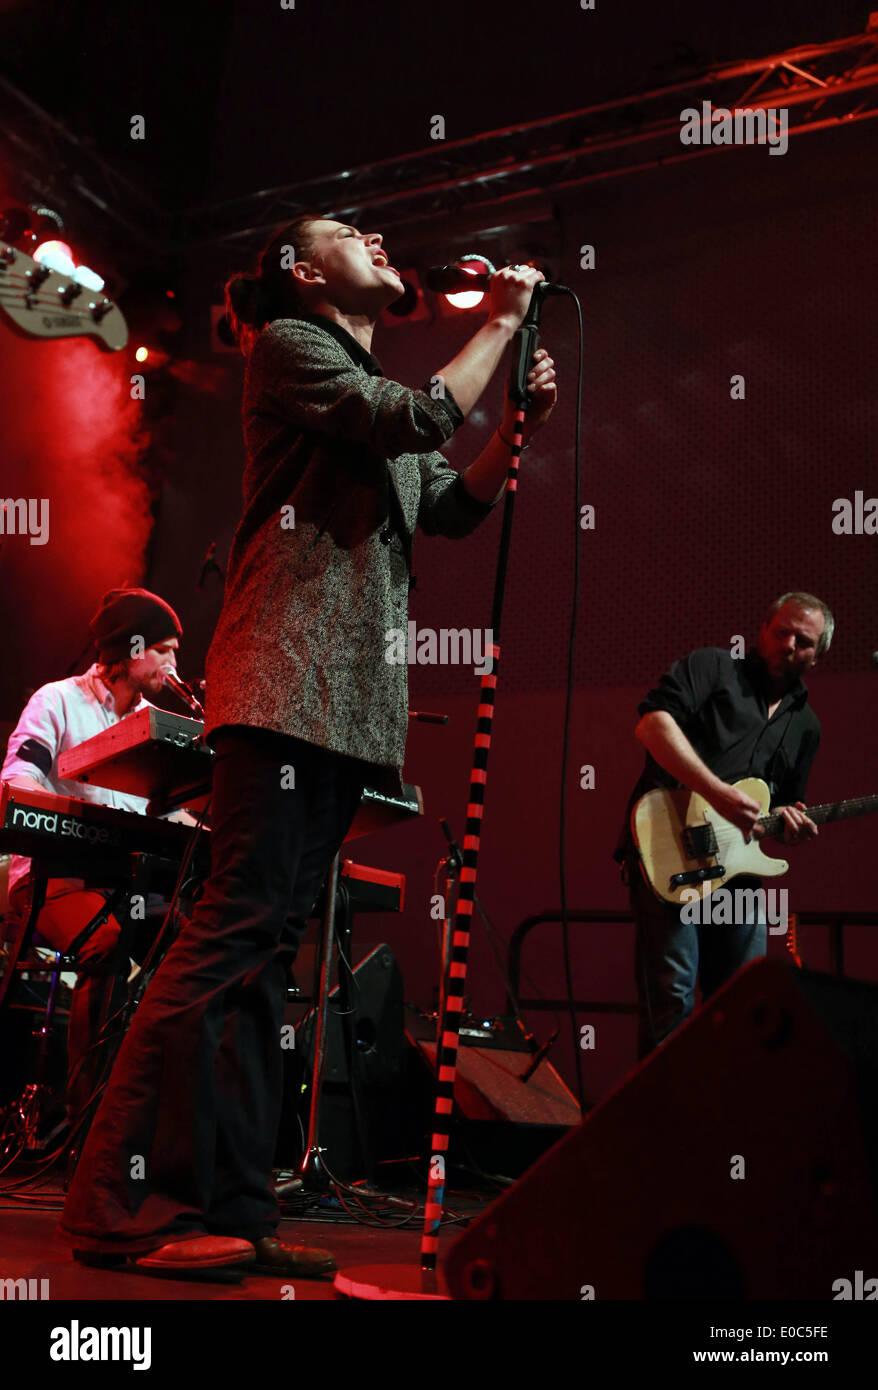 Frankfurt, Germany  8th May, 2014  German singer Cathe sings during